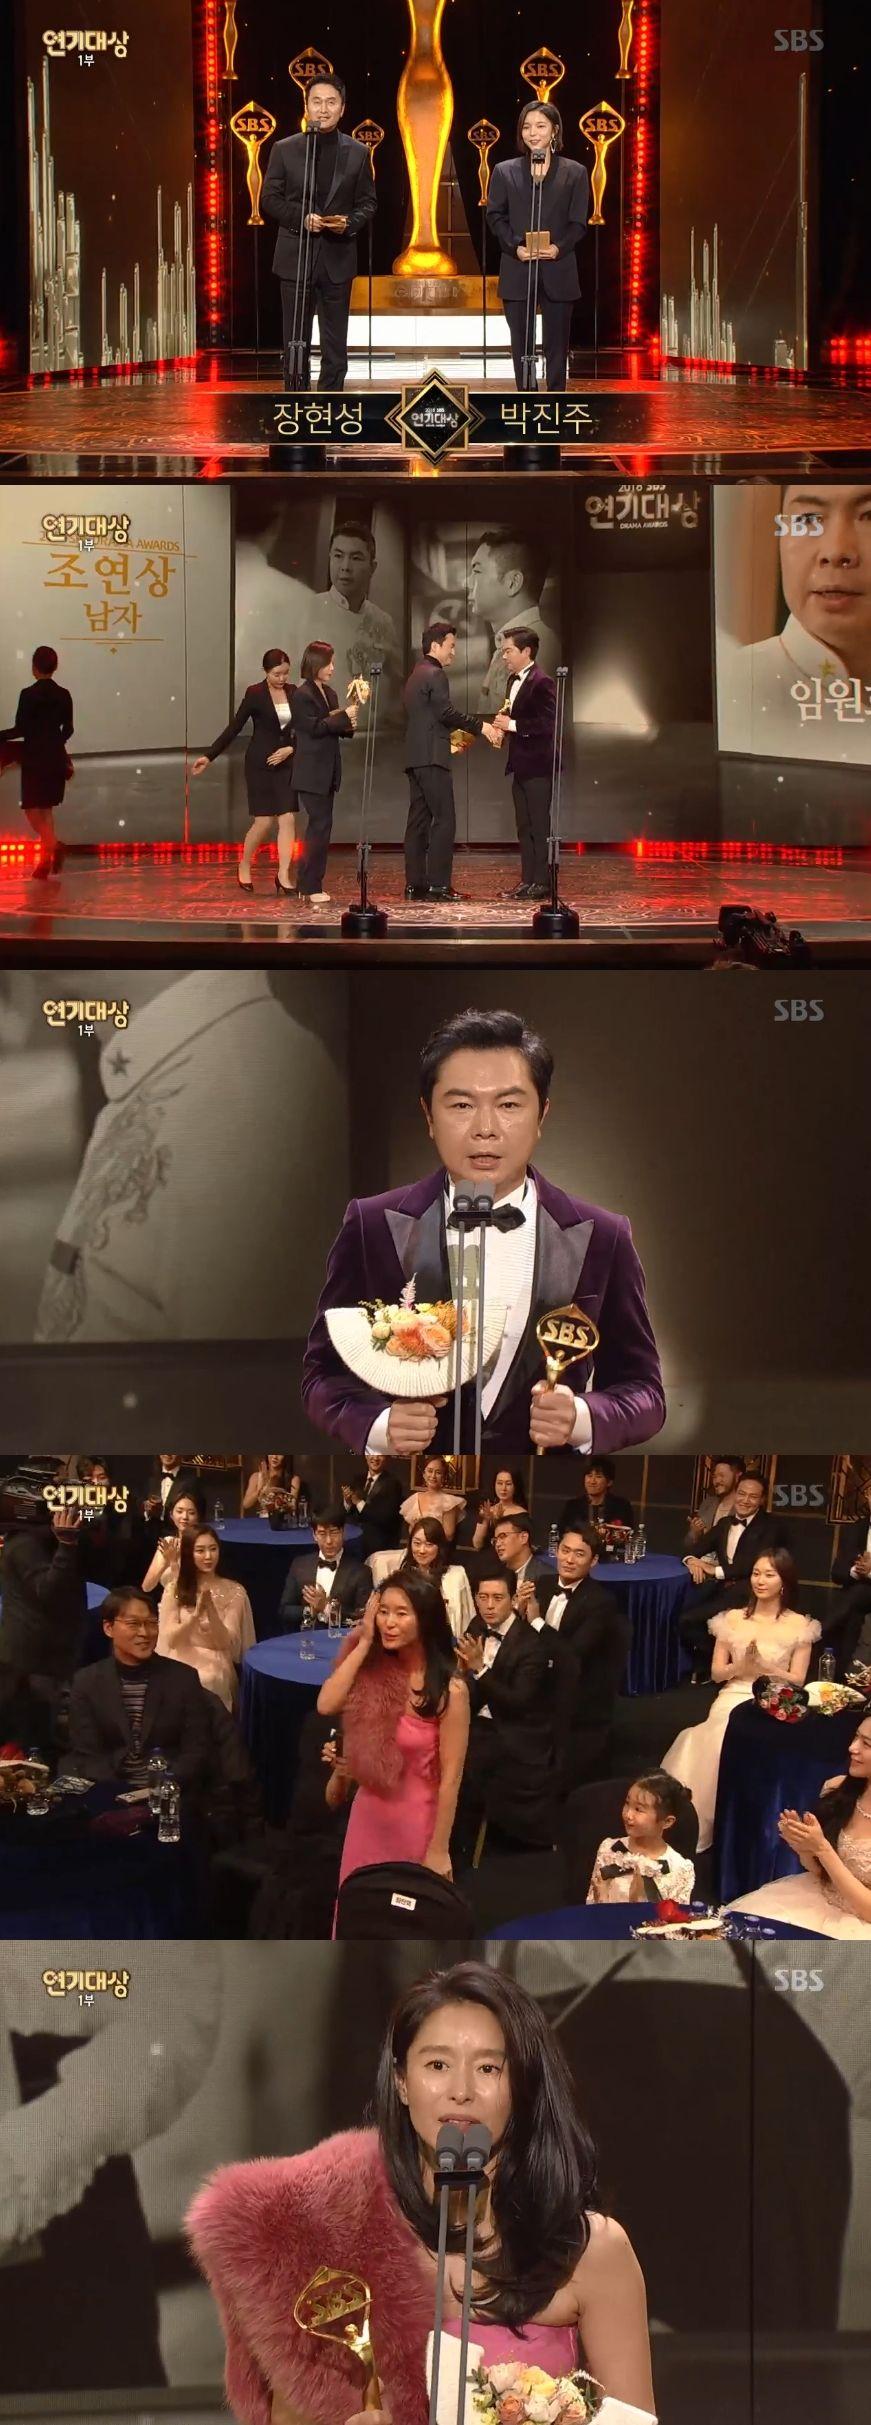 """기사 대표 이미지:SBS 연기대상 임원희·예지원 남녀조연상 수상…예지원 """"캐릭터가 세서 늘 죄송"""""""